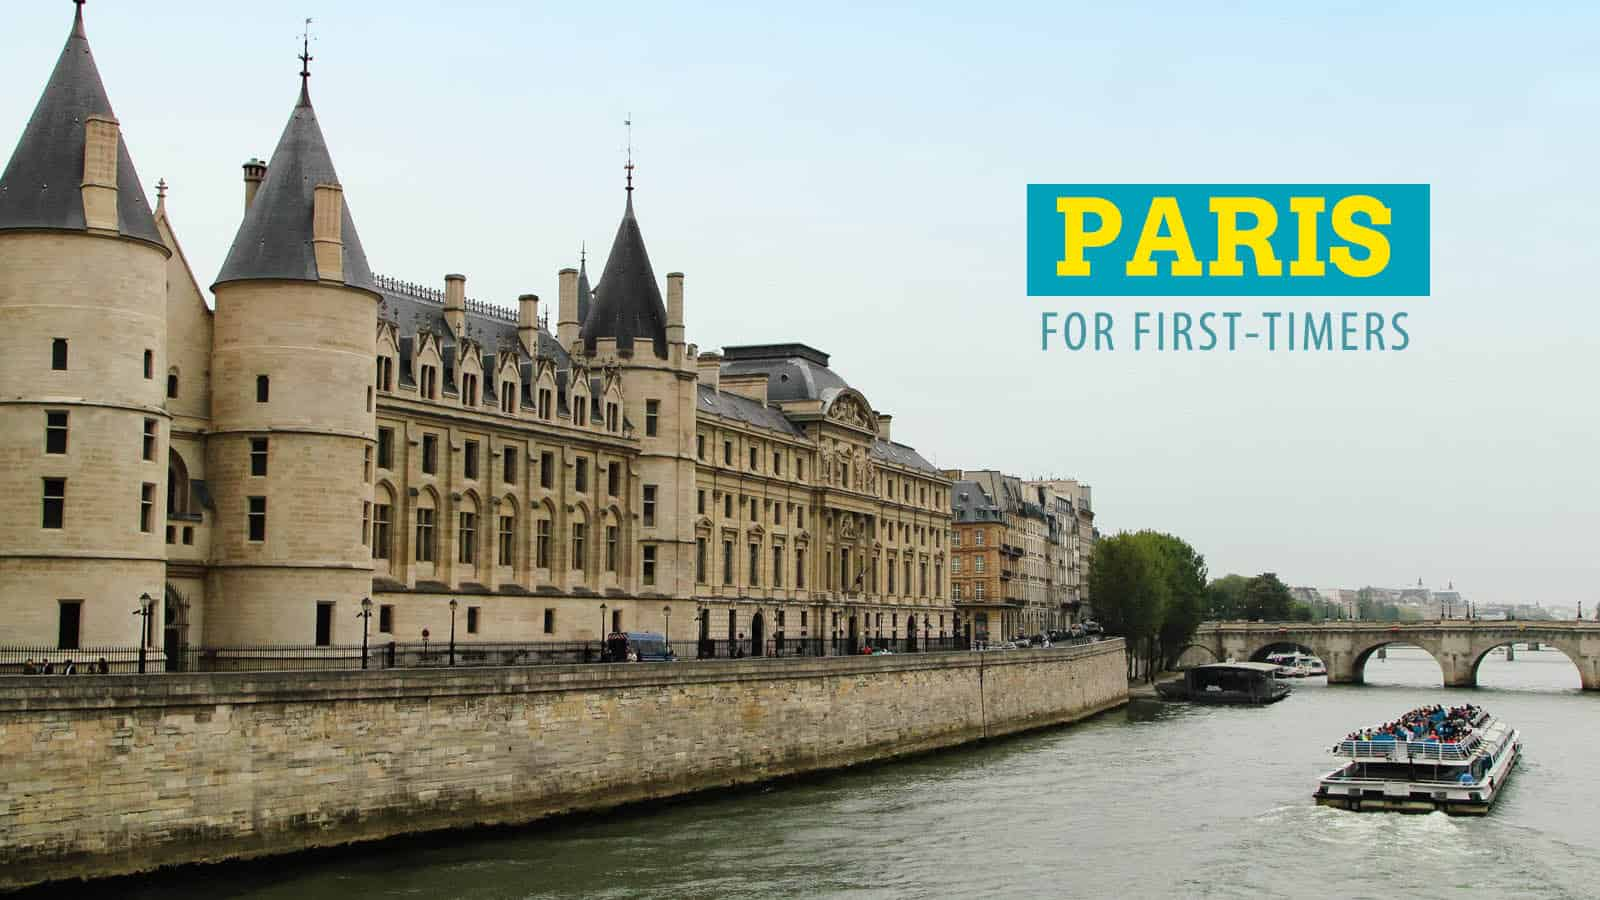 第一次来巴黎:6个需要记住的提示   穷游者的行程安排博客